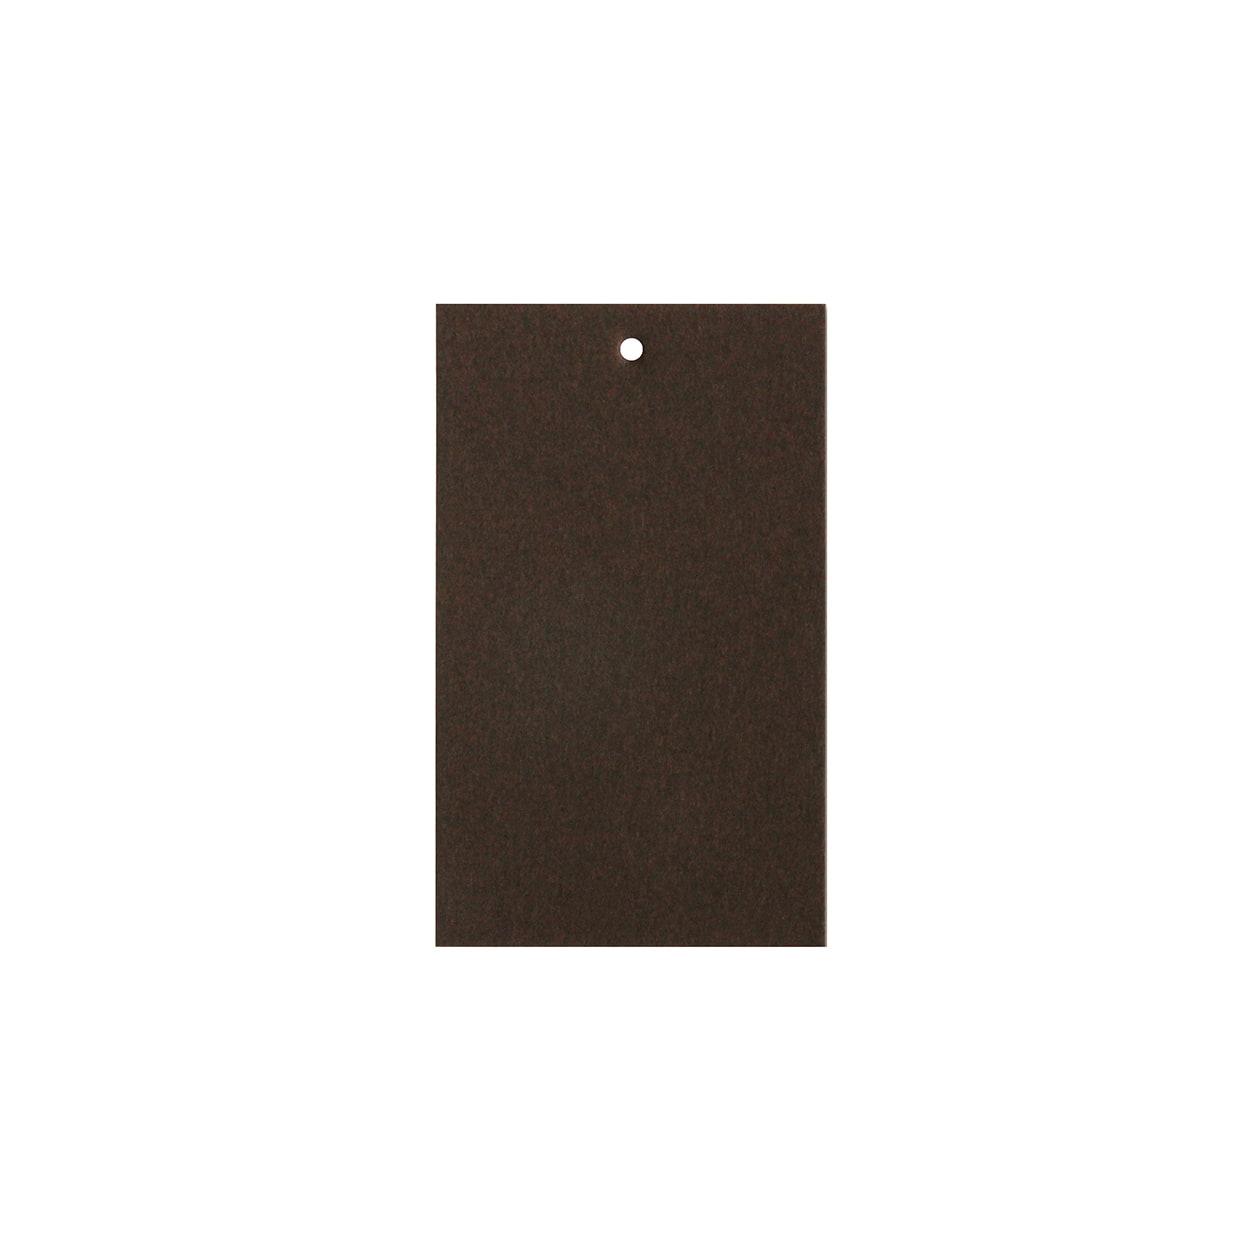 サンプル カード・シート 00061